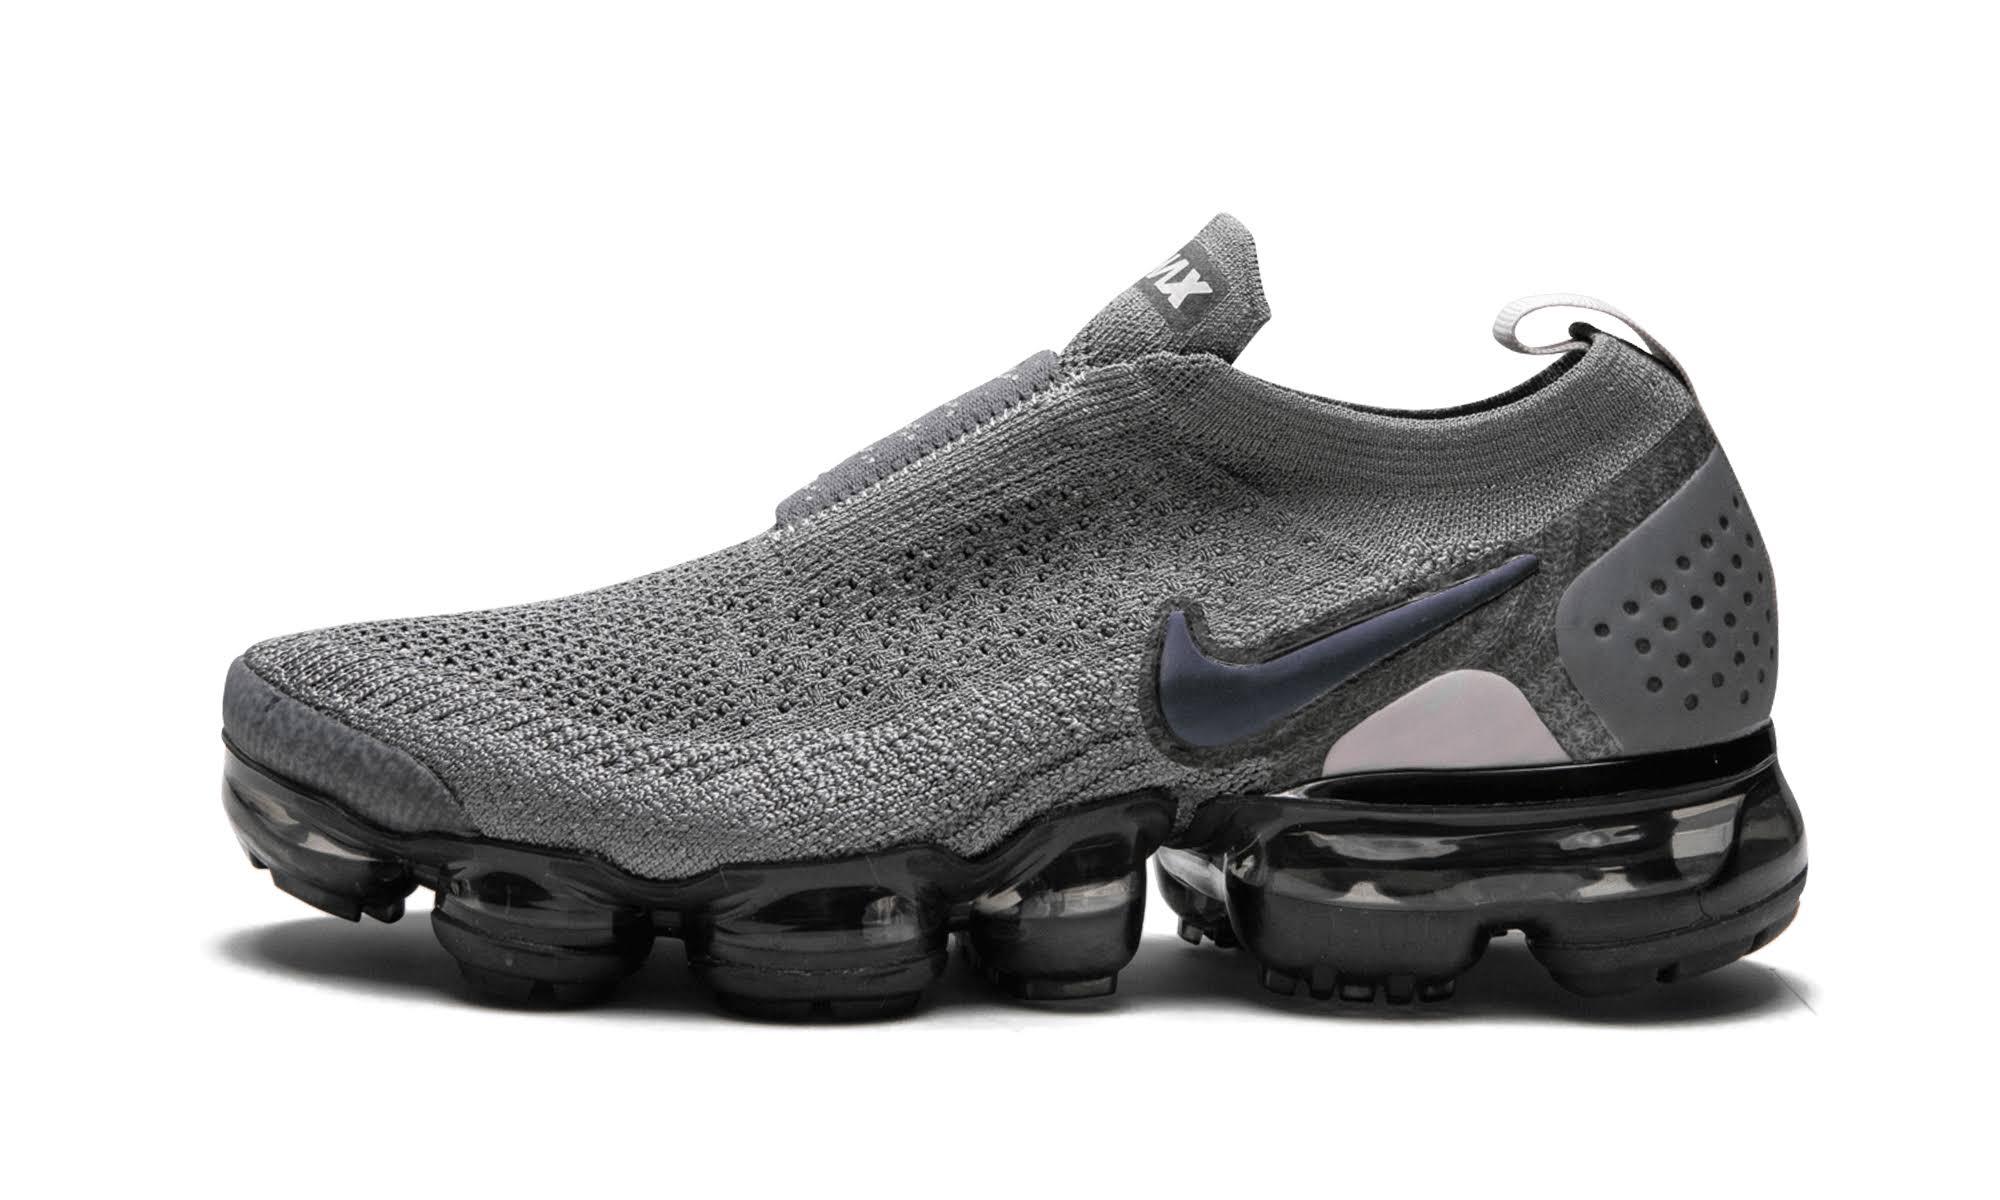 Nike Wmns 2 10 Size Moc 5 'gunsmoke' Sneakers Womens Vapormax UBfrxB